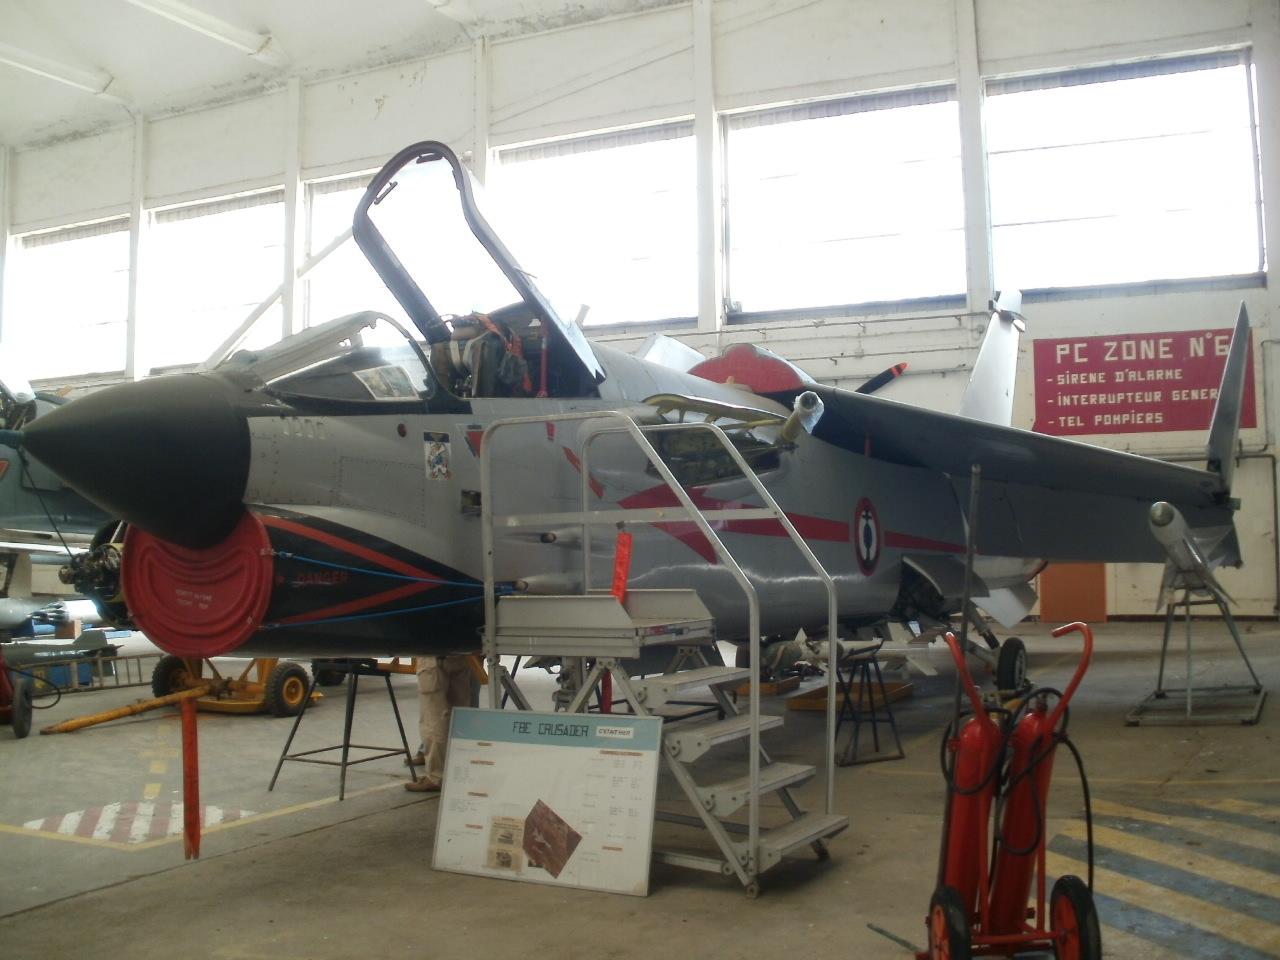 [ Les Musées en rapport avec la Marine ] Musée de l'Aeronautique Navale de Rochefort - Page 8 634227P7170246